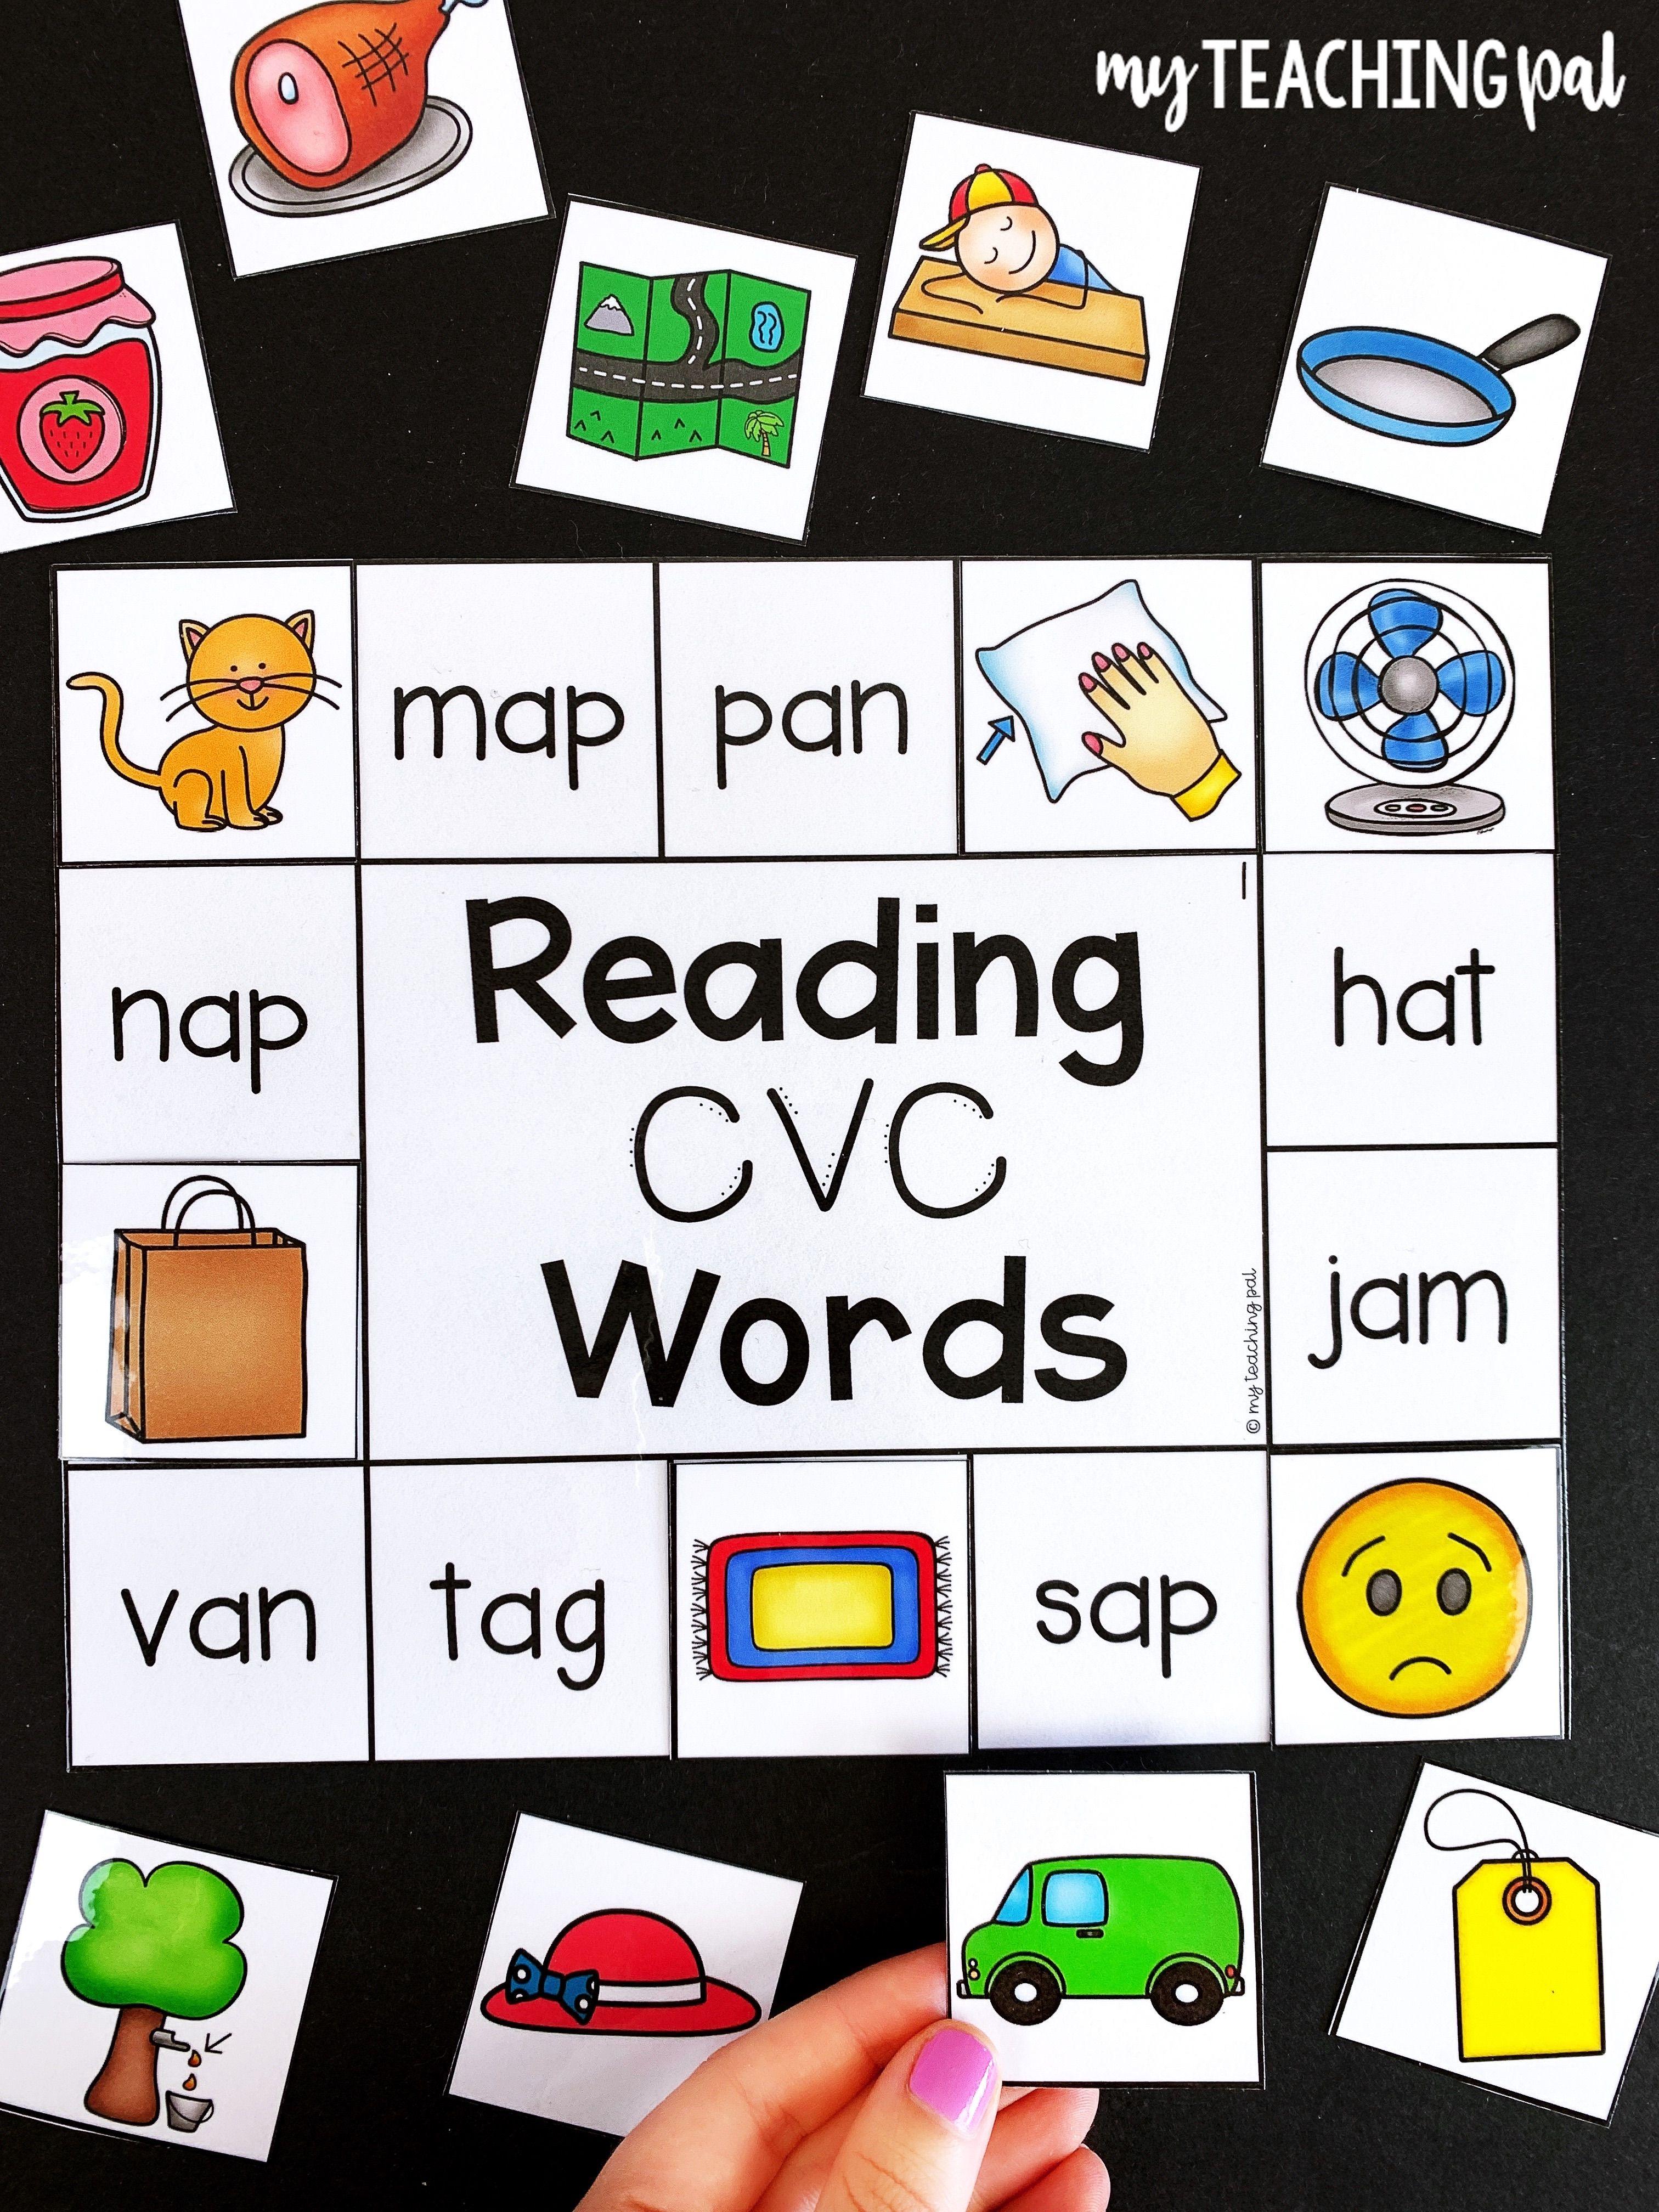 Reading Cvc Words Cvc Words Reading Cvc Words Cvc Word Activities [ 4032 x 3024 Pixel ]